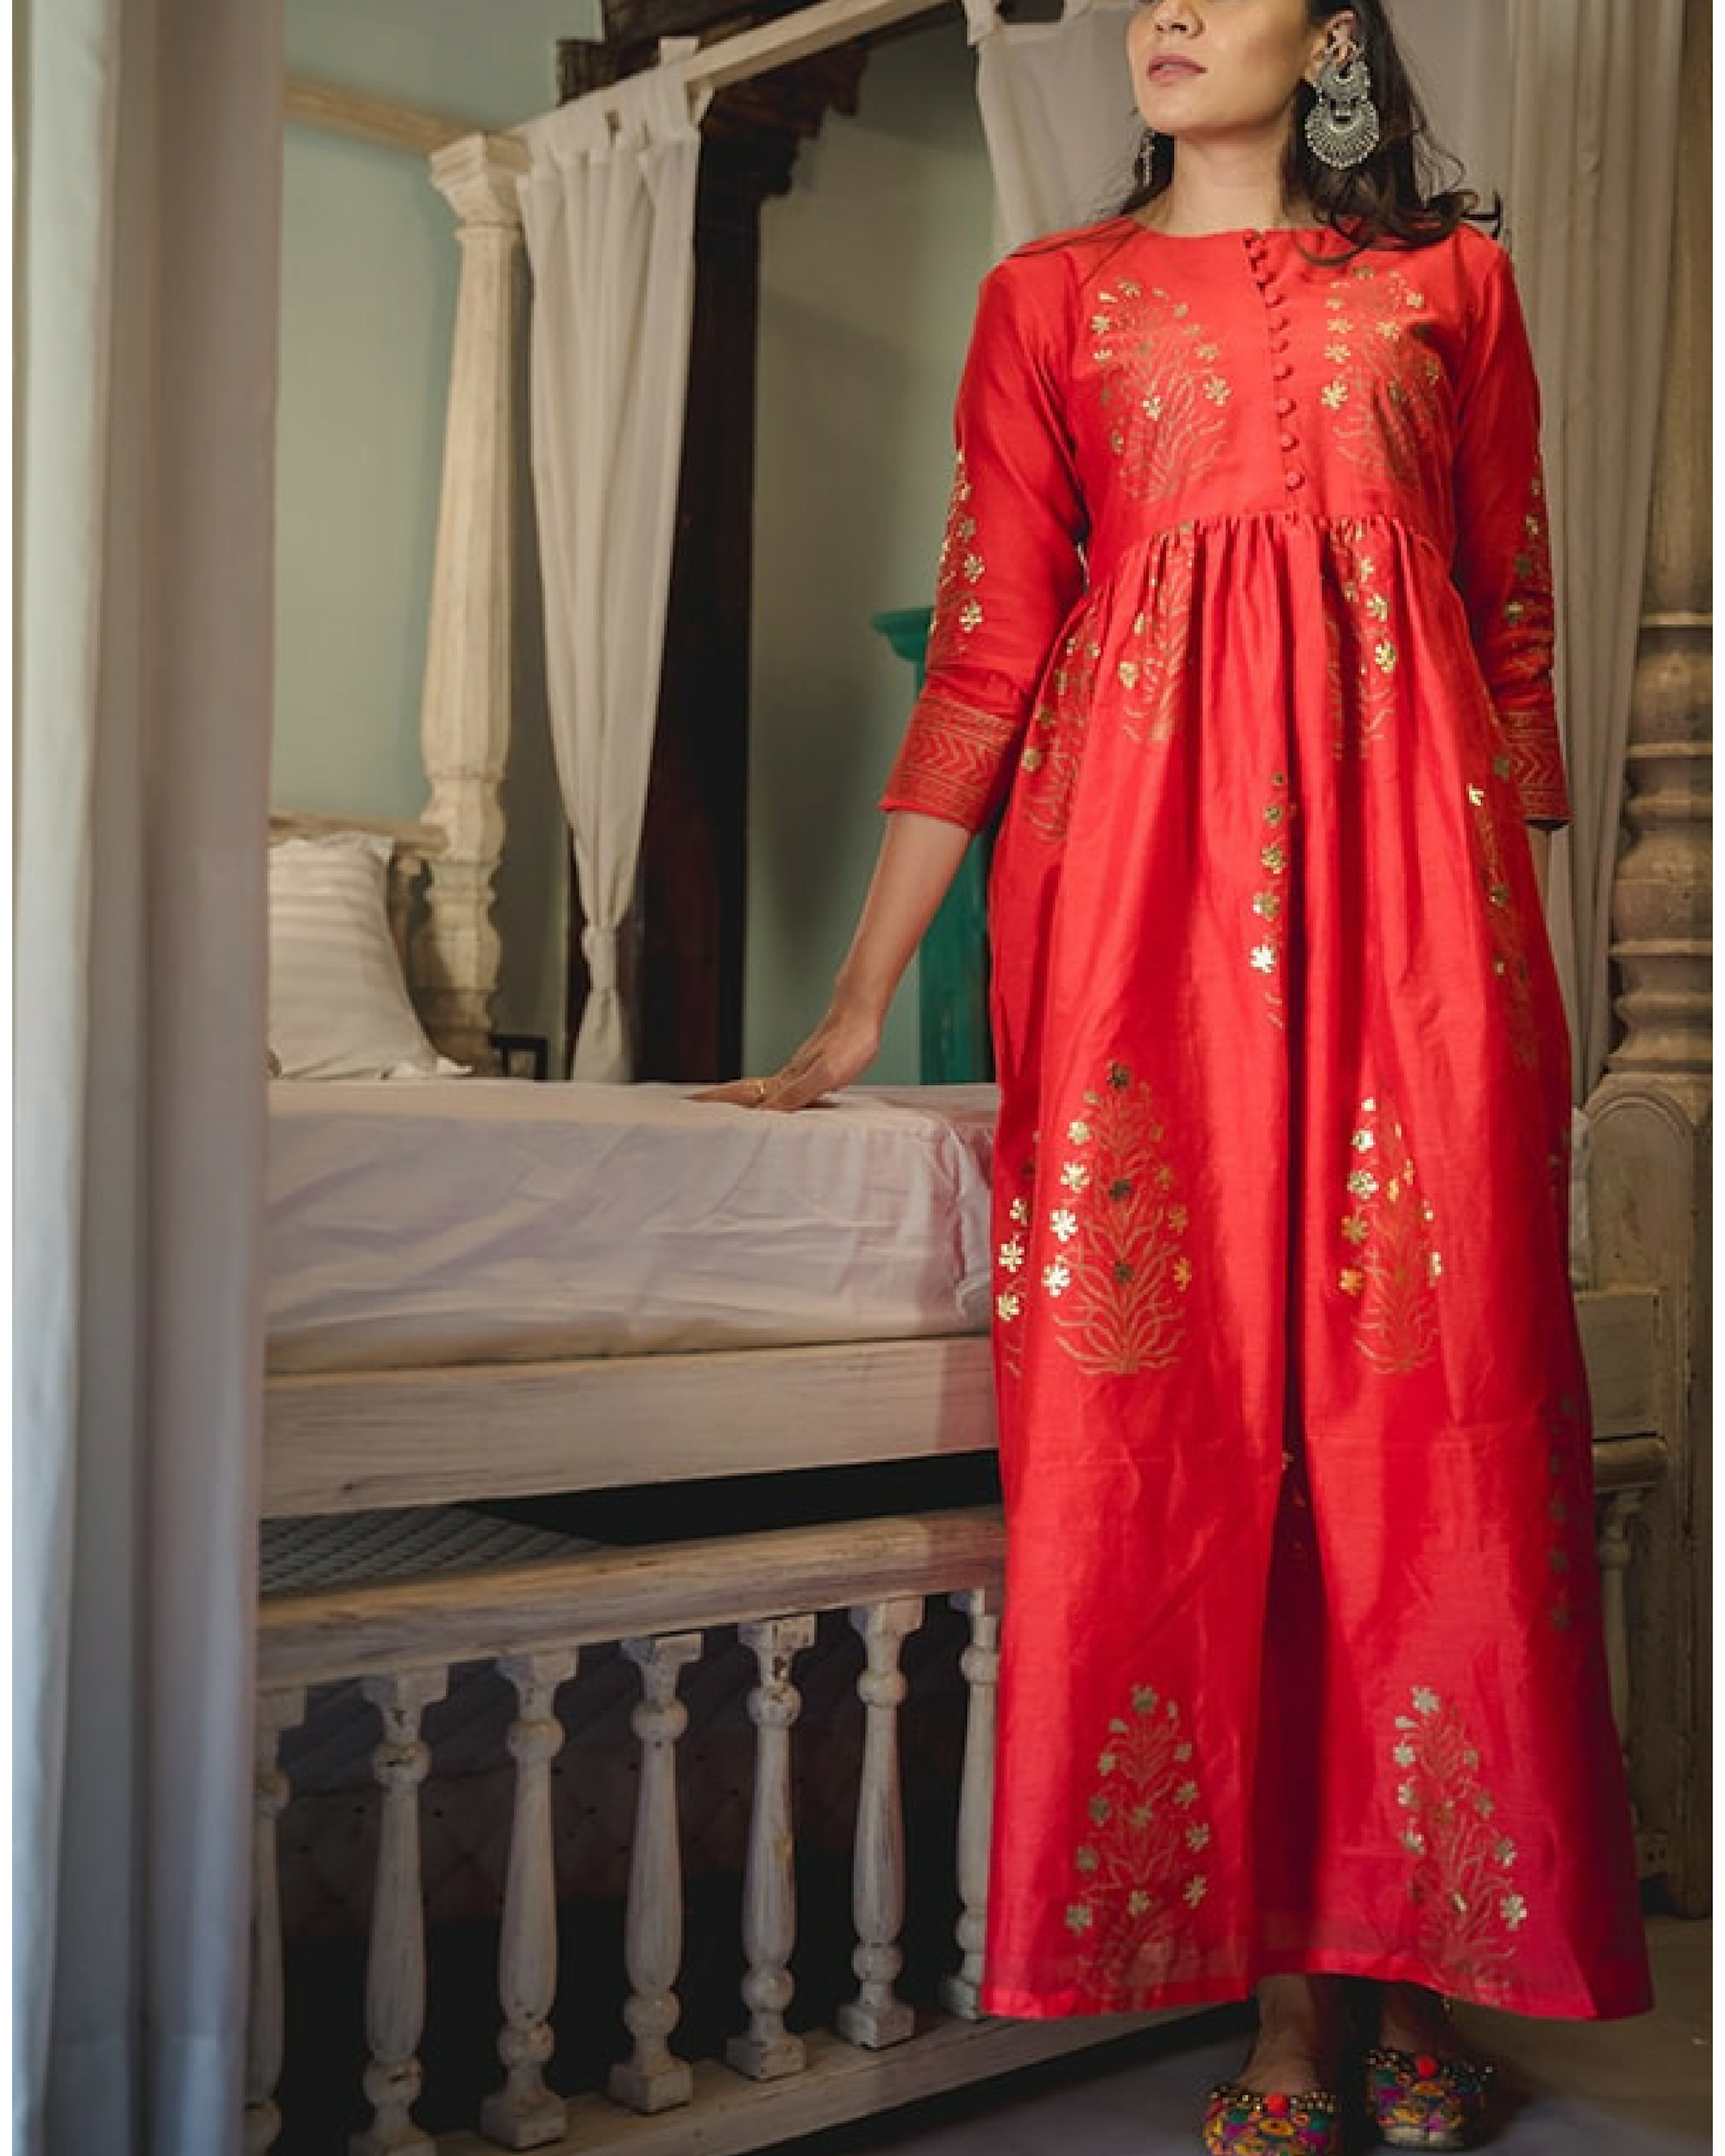 Zubeida foil dress & palazzo